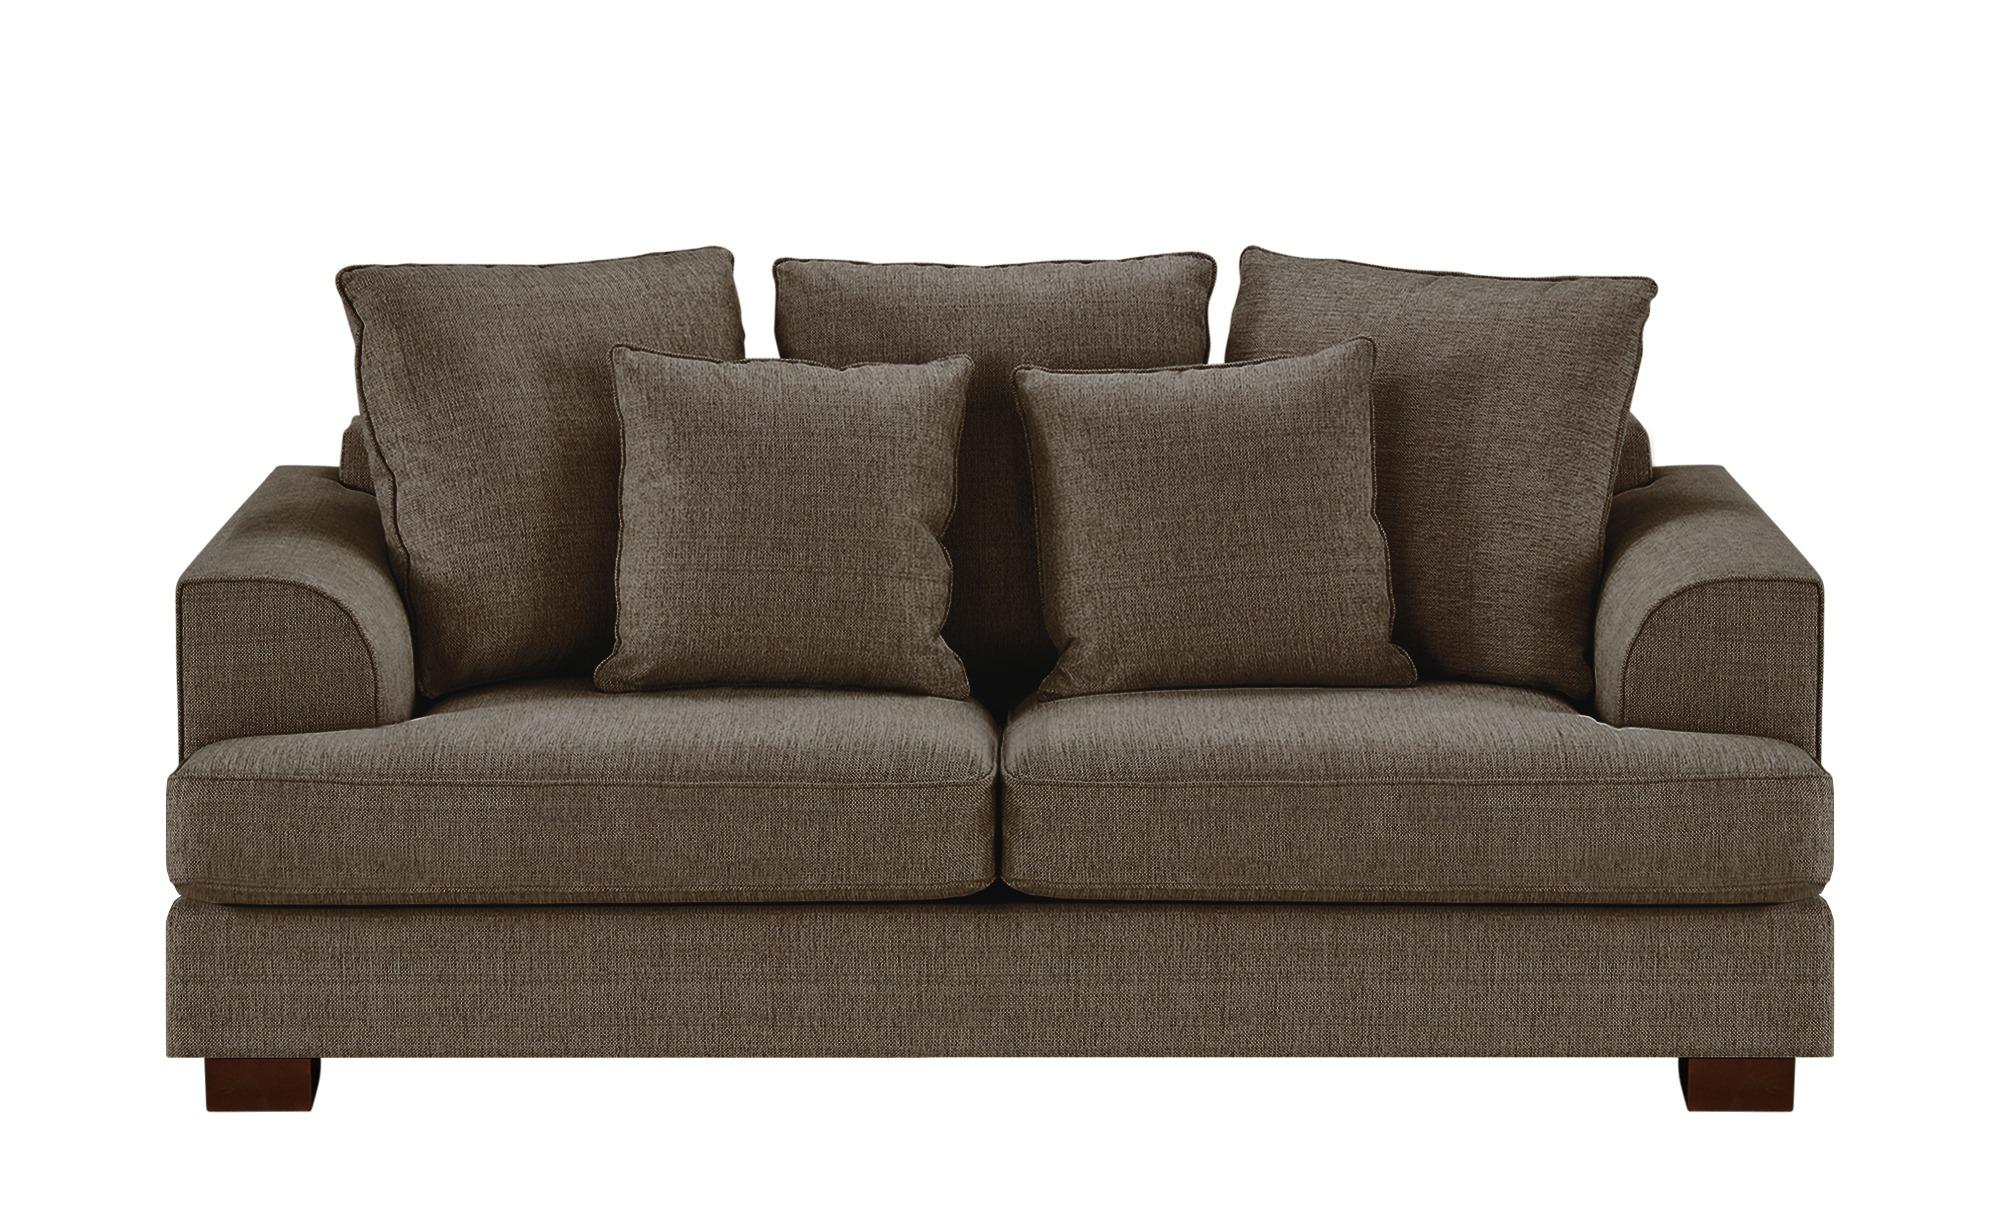 SOHO Sofa braun - Webstoff Franka ¦ braun ¦ Maße (cm): B: 199 H: 87 T: 103 Polstermöbel > Sofas > Einzelsofas - Höffner